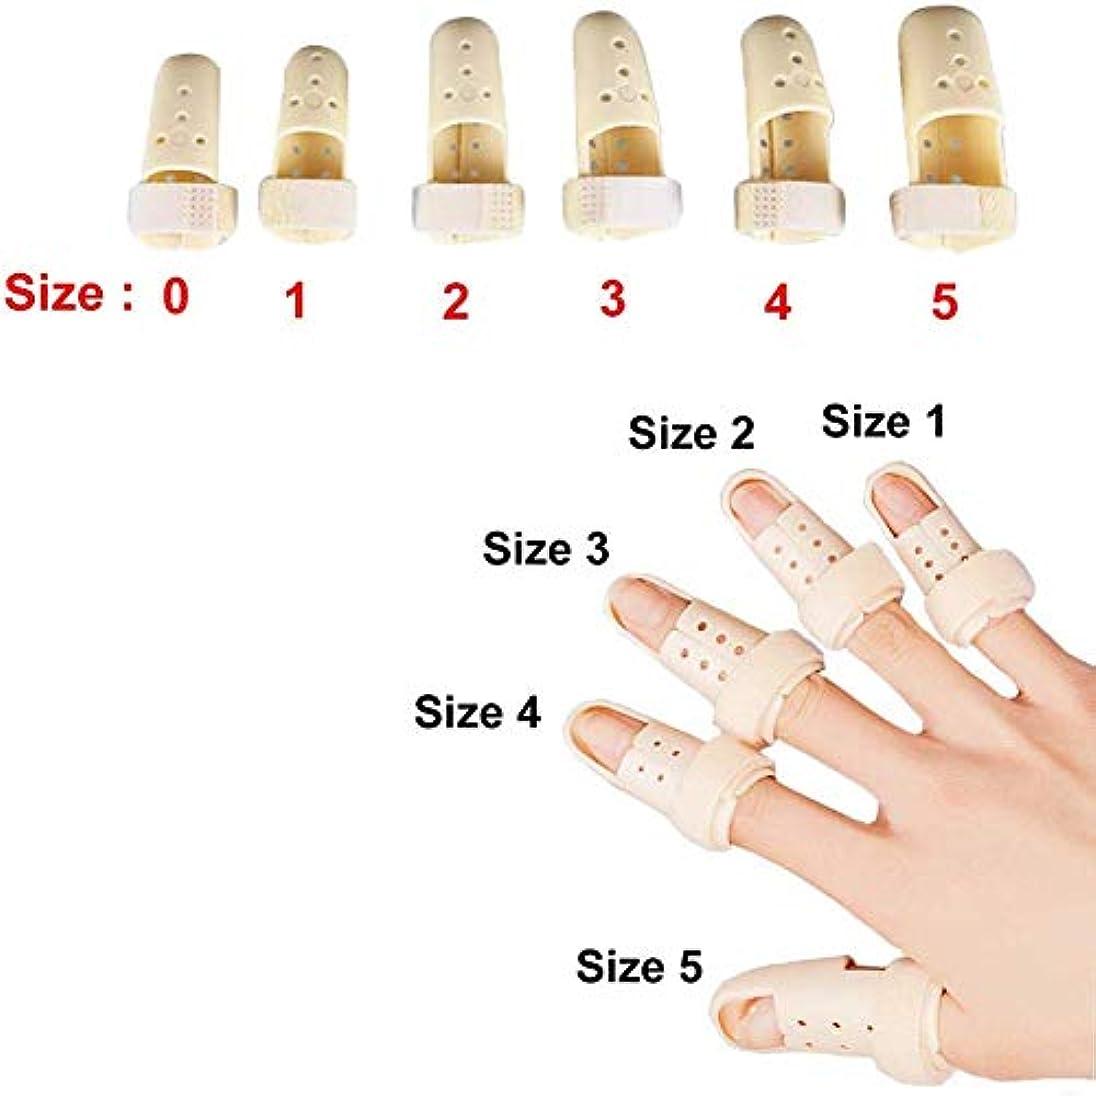 顧問毎週電気陽性痛みのための親指スピカサポートブレース - フィンガースプリント、リバーシブル親指スタビライザー、関節炎サムスプリント (Size : XXL)